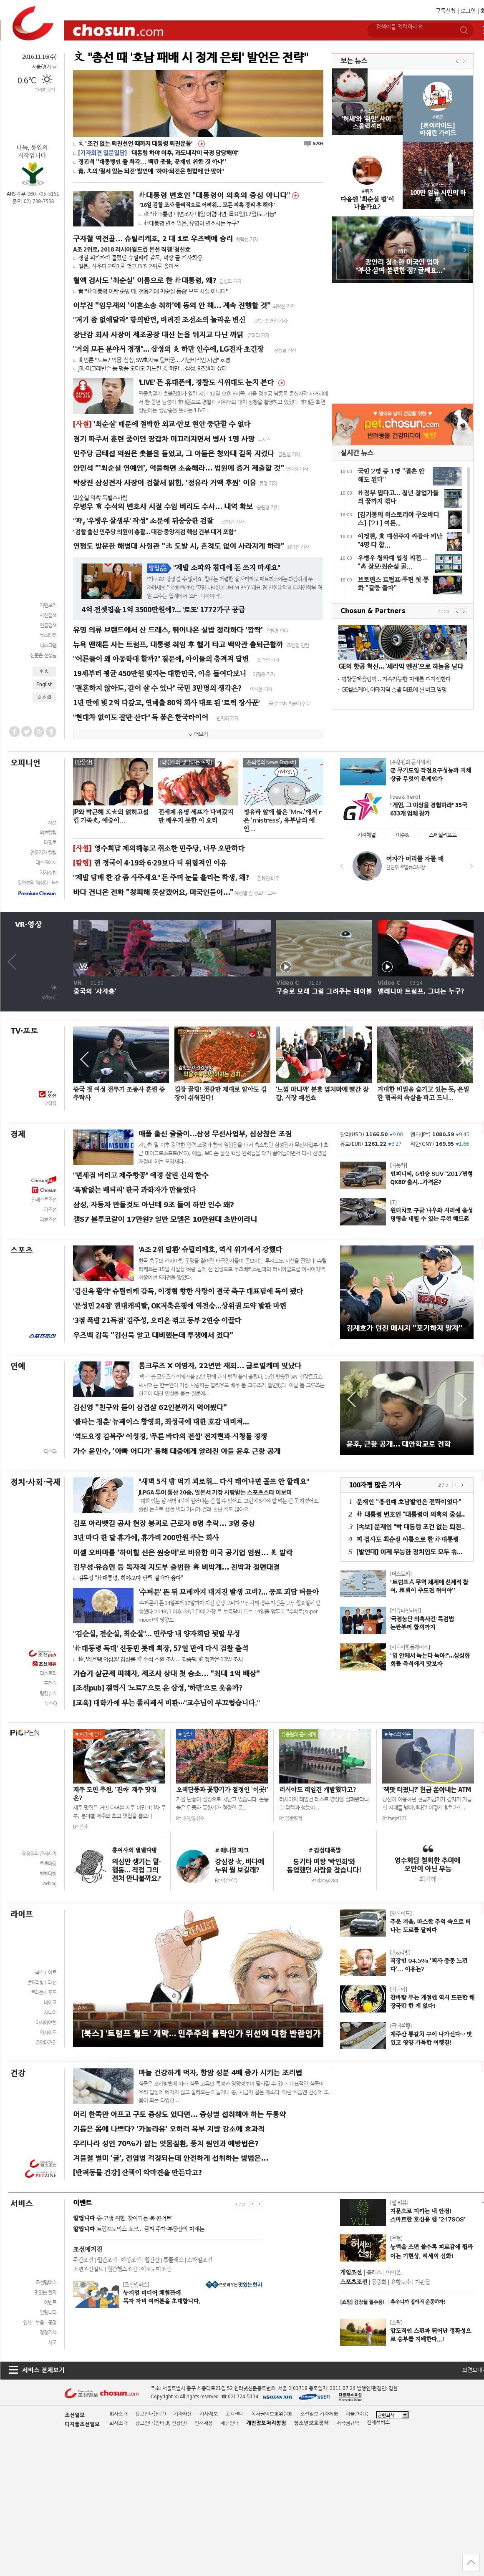 chosun.com at Tuesday Nov. 15, 2016, 8:02 p.m. UTC